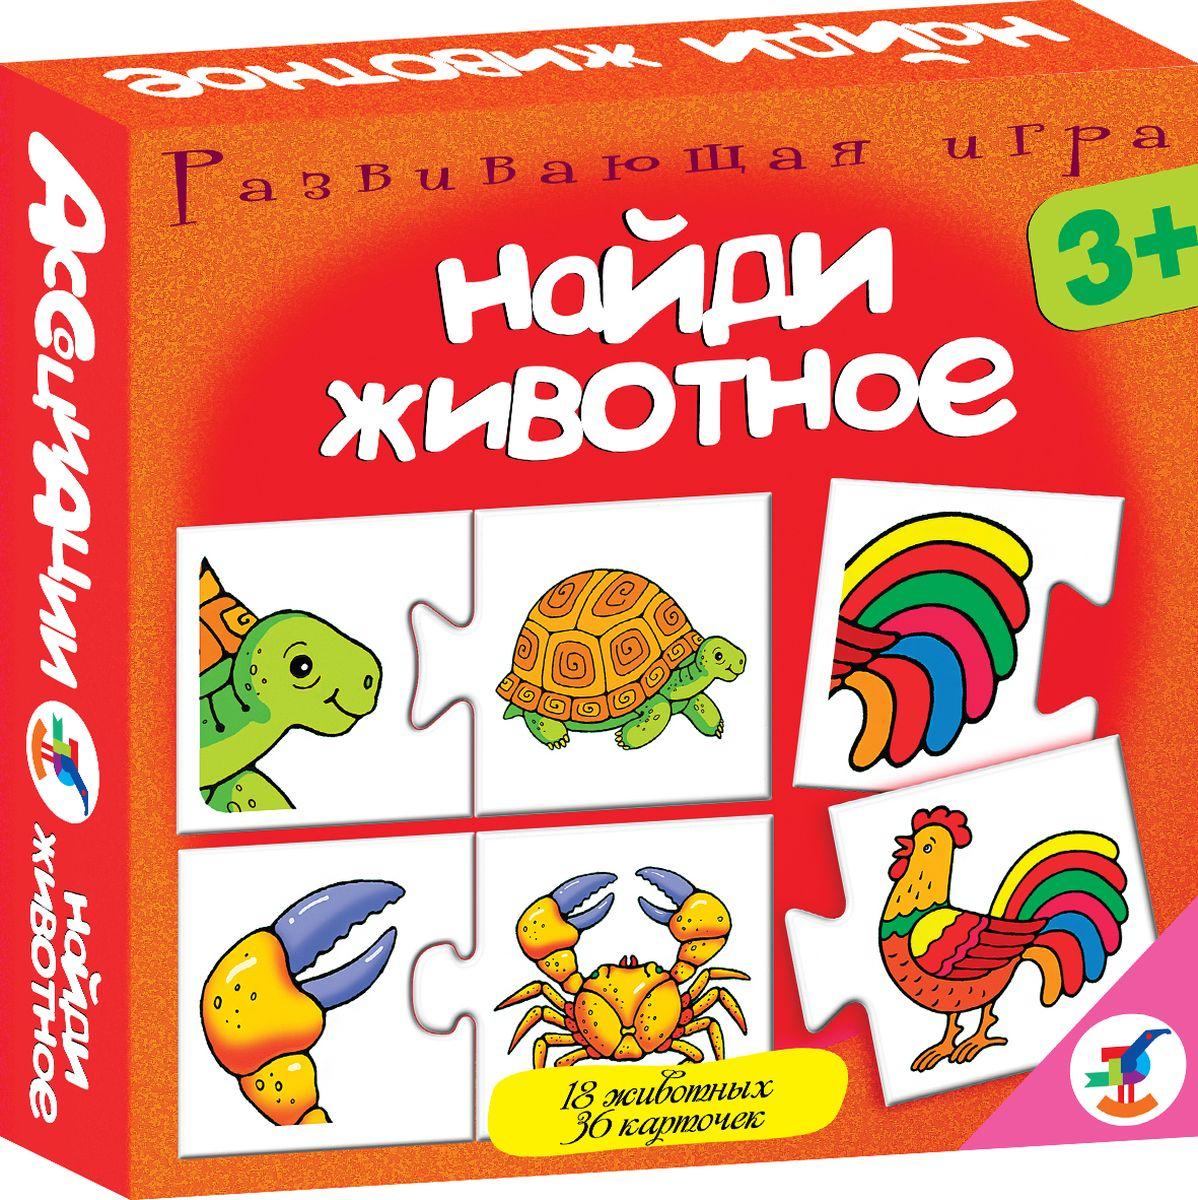 Дрофа-Медиа Пазл для малышей Найди животное2922Пазл для малышей Дрофа-Медиа Найди животное - это очень увлекательное занятие для ребенка, в котором нужно соединять карточки с помощью пазлового крепления. На карточках изображены различные животные и ребенку предлагается соединить карточки по определенному признаку. Если совершена ошибка, то карточки не соединятся. Игра будет способствовать развитию логического и ассоциативного мышления, улучшению памяти и расширению кругозора.